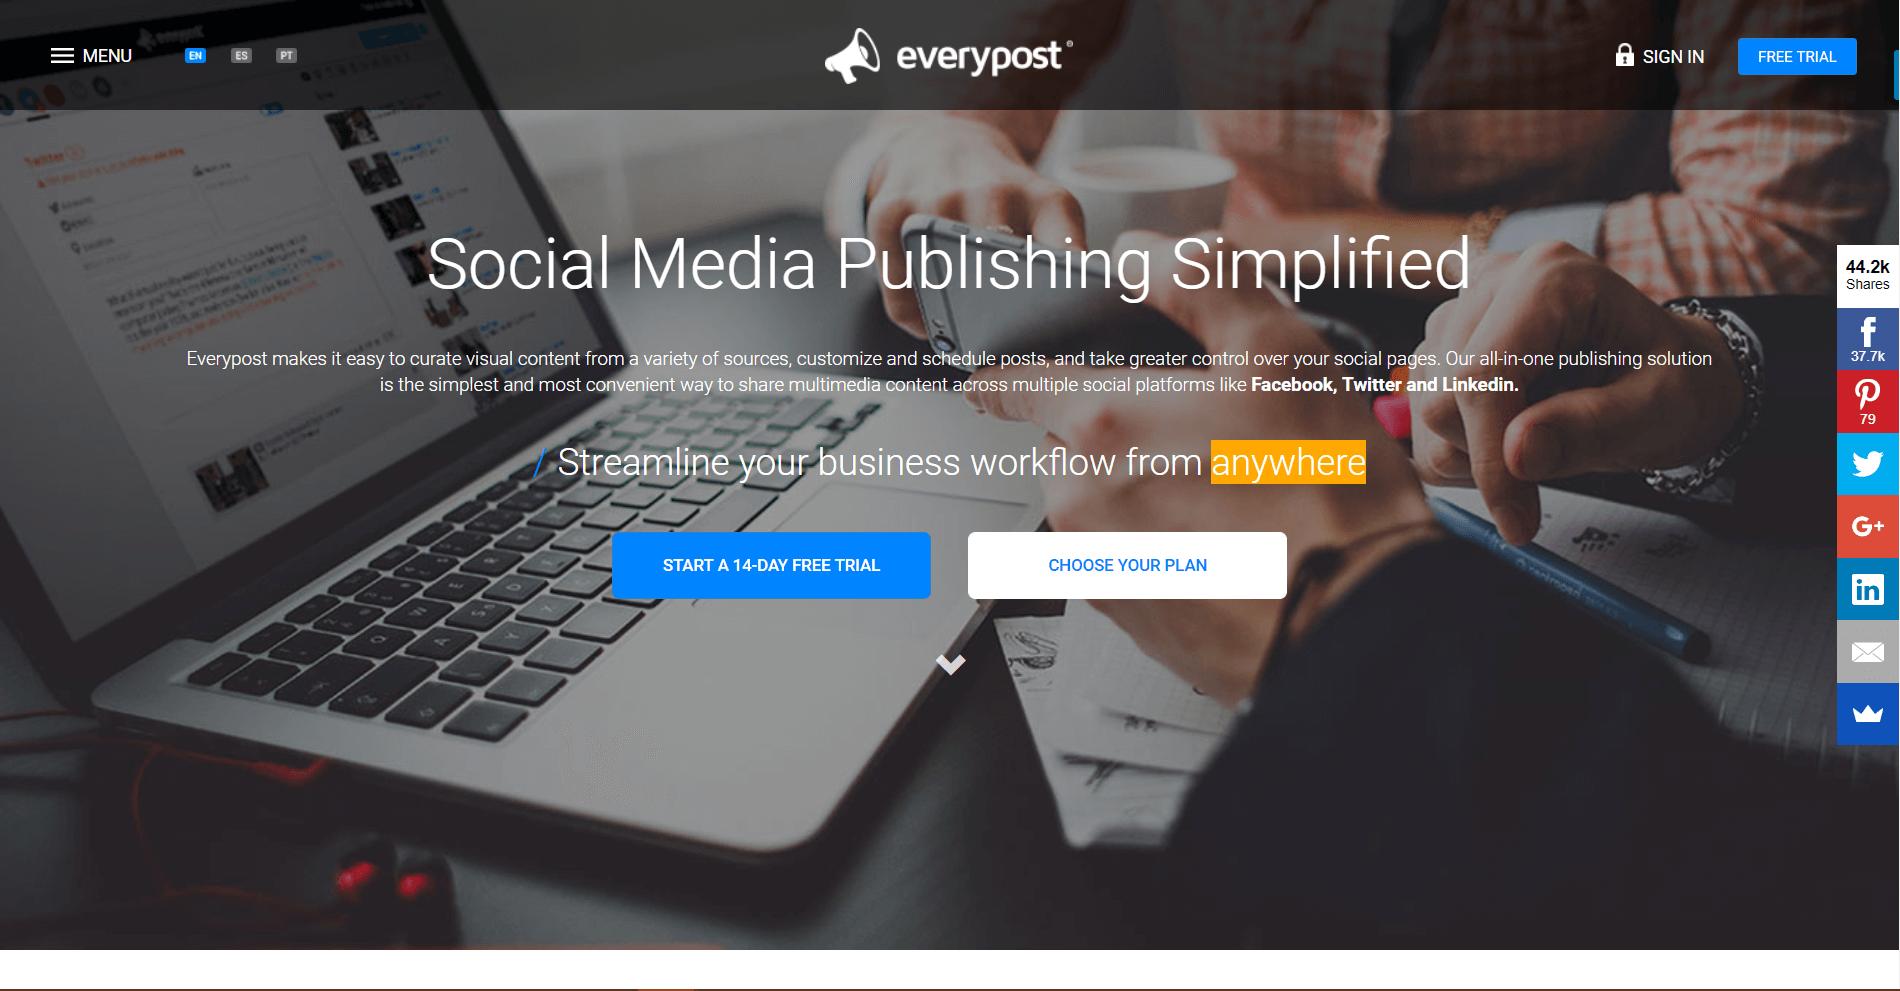 Everypost Social Media Marketing Tool